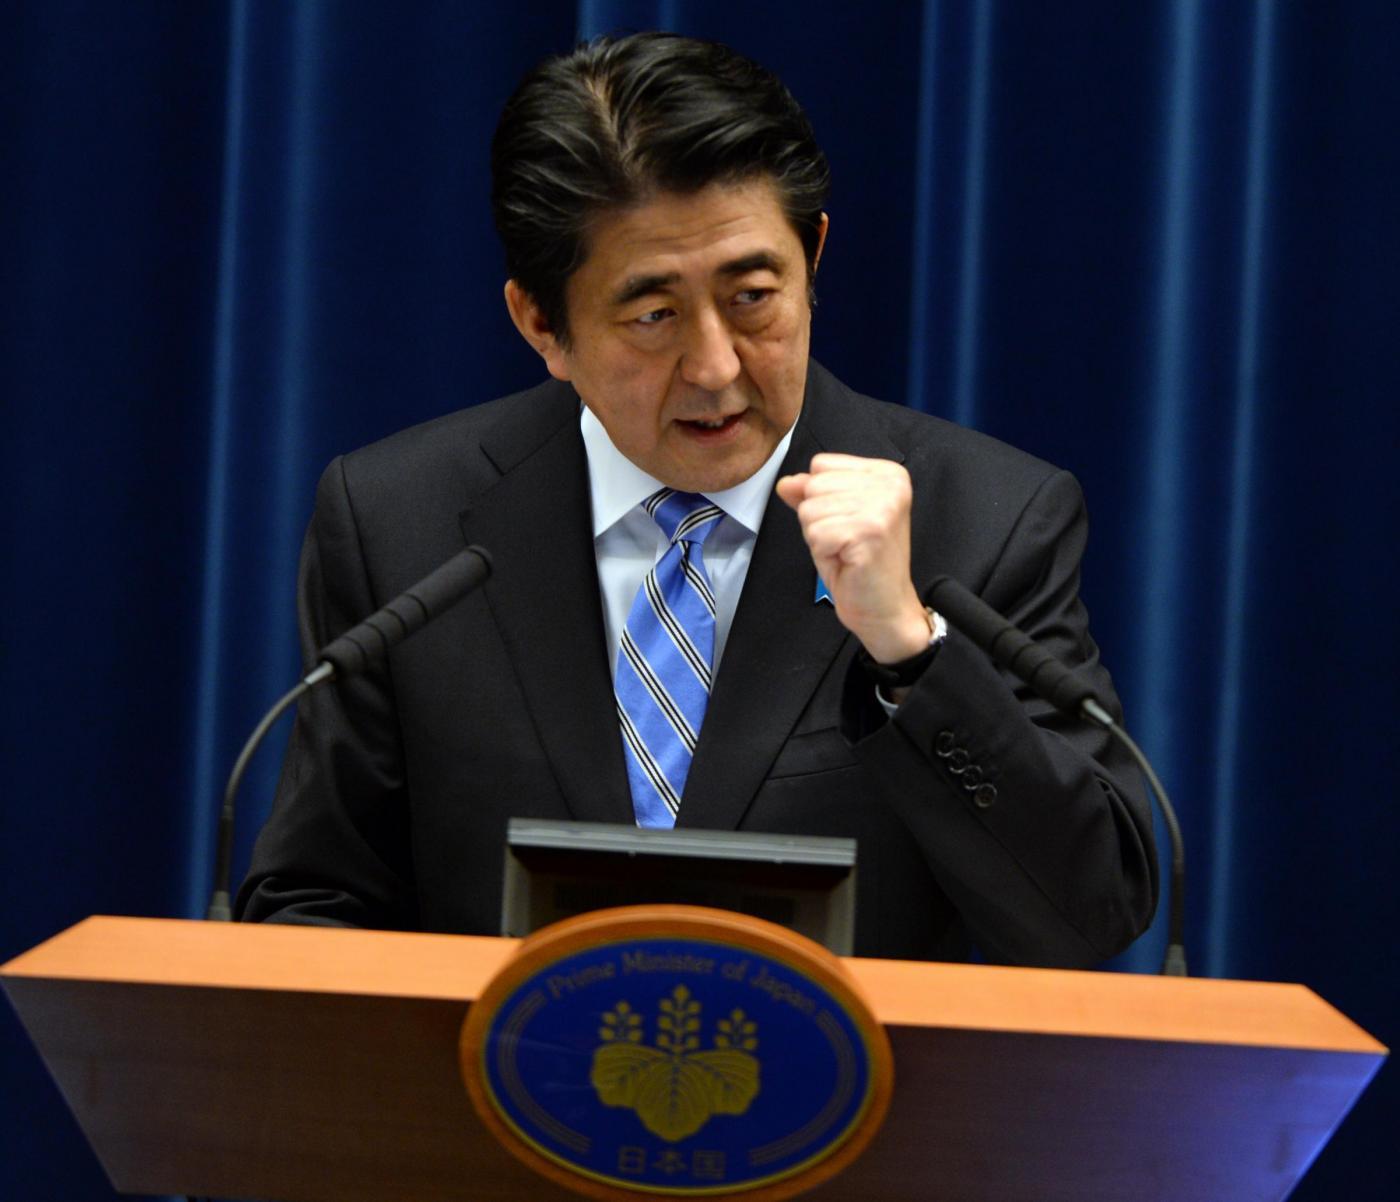 Elezioni in Giappone, vince Shinzo Abe